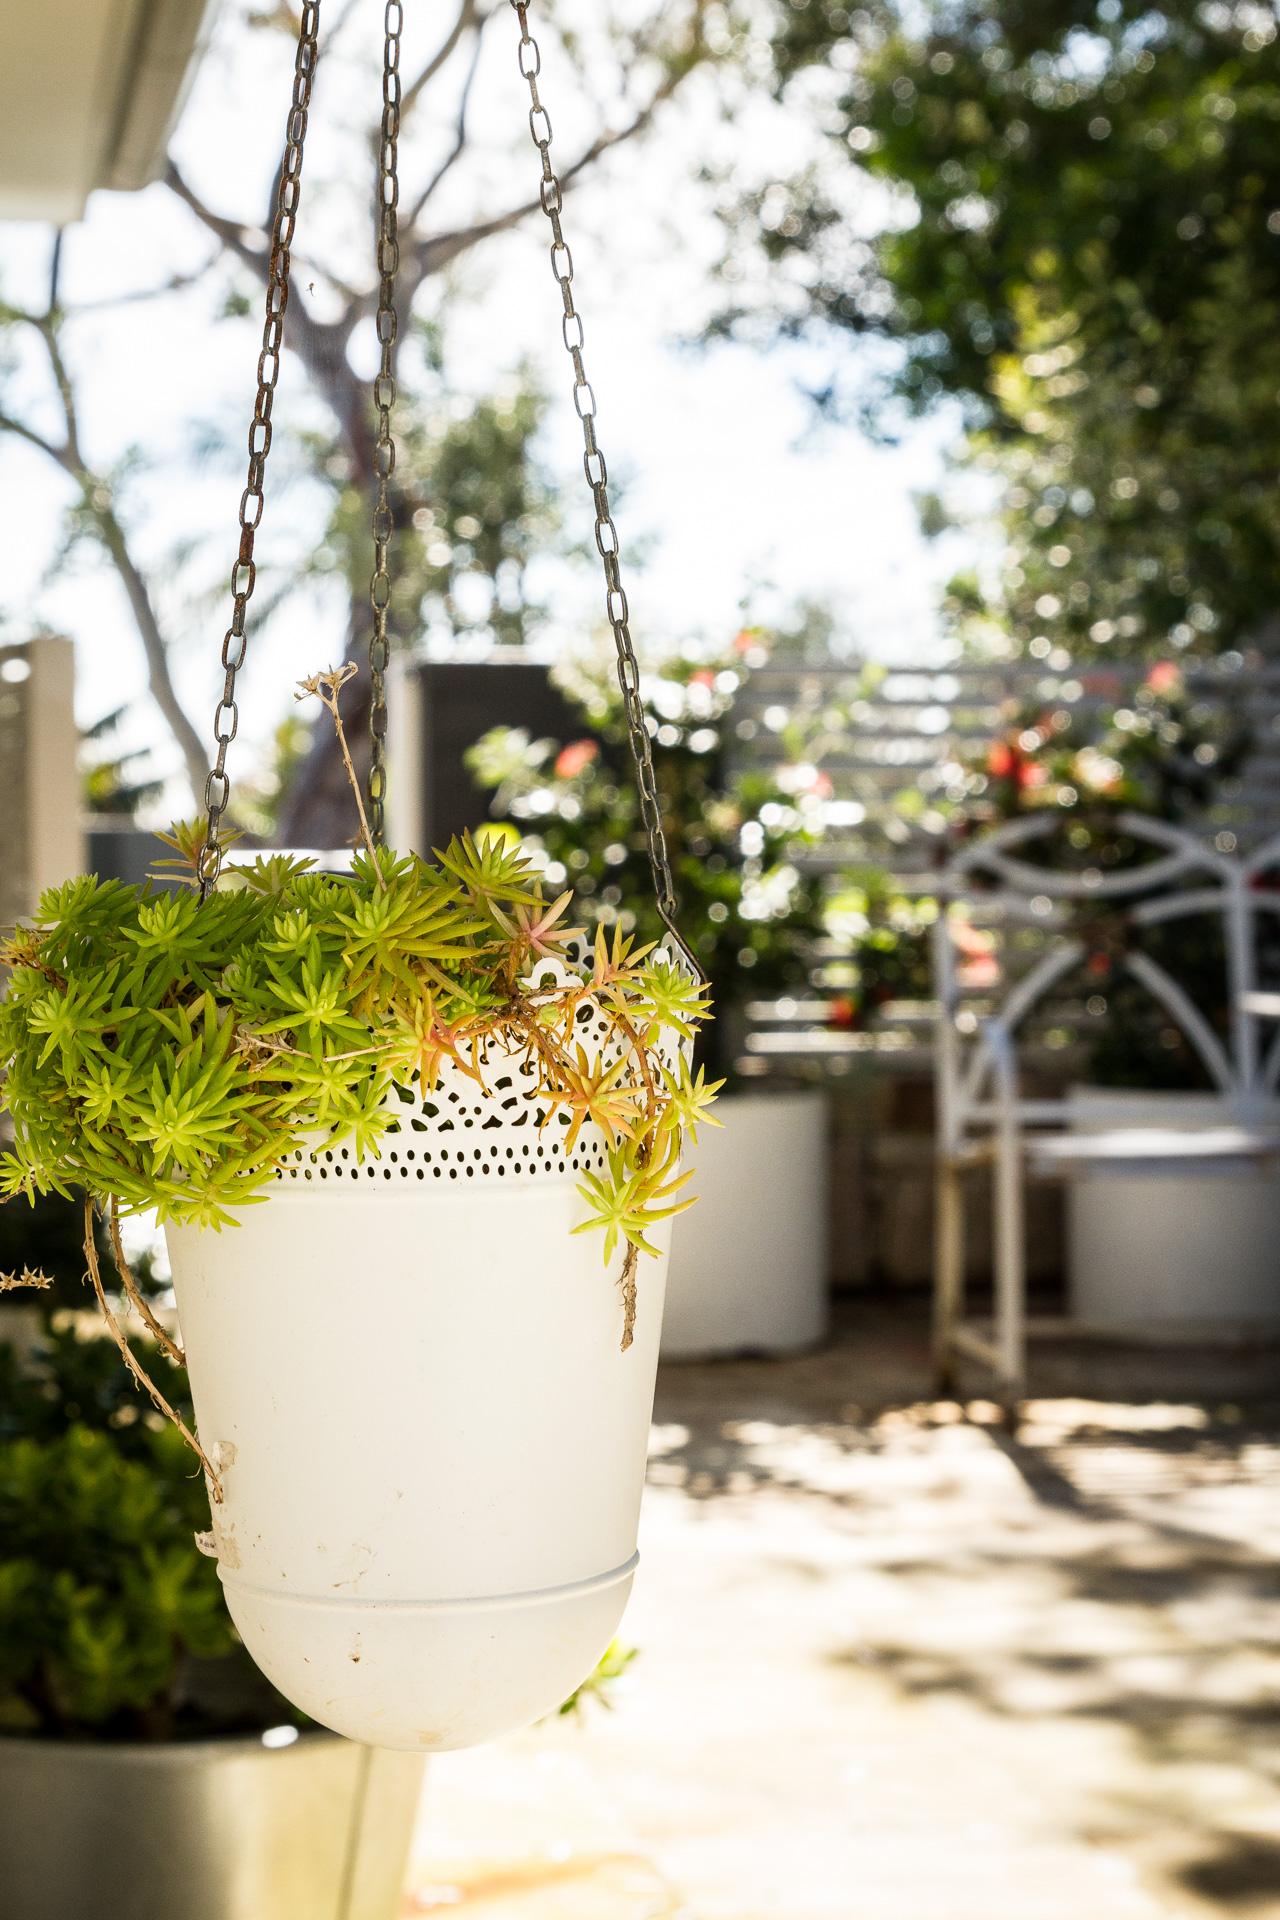 cronulla_residential_garden_design 14.jpg